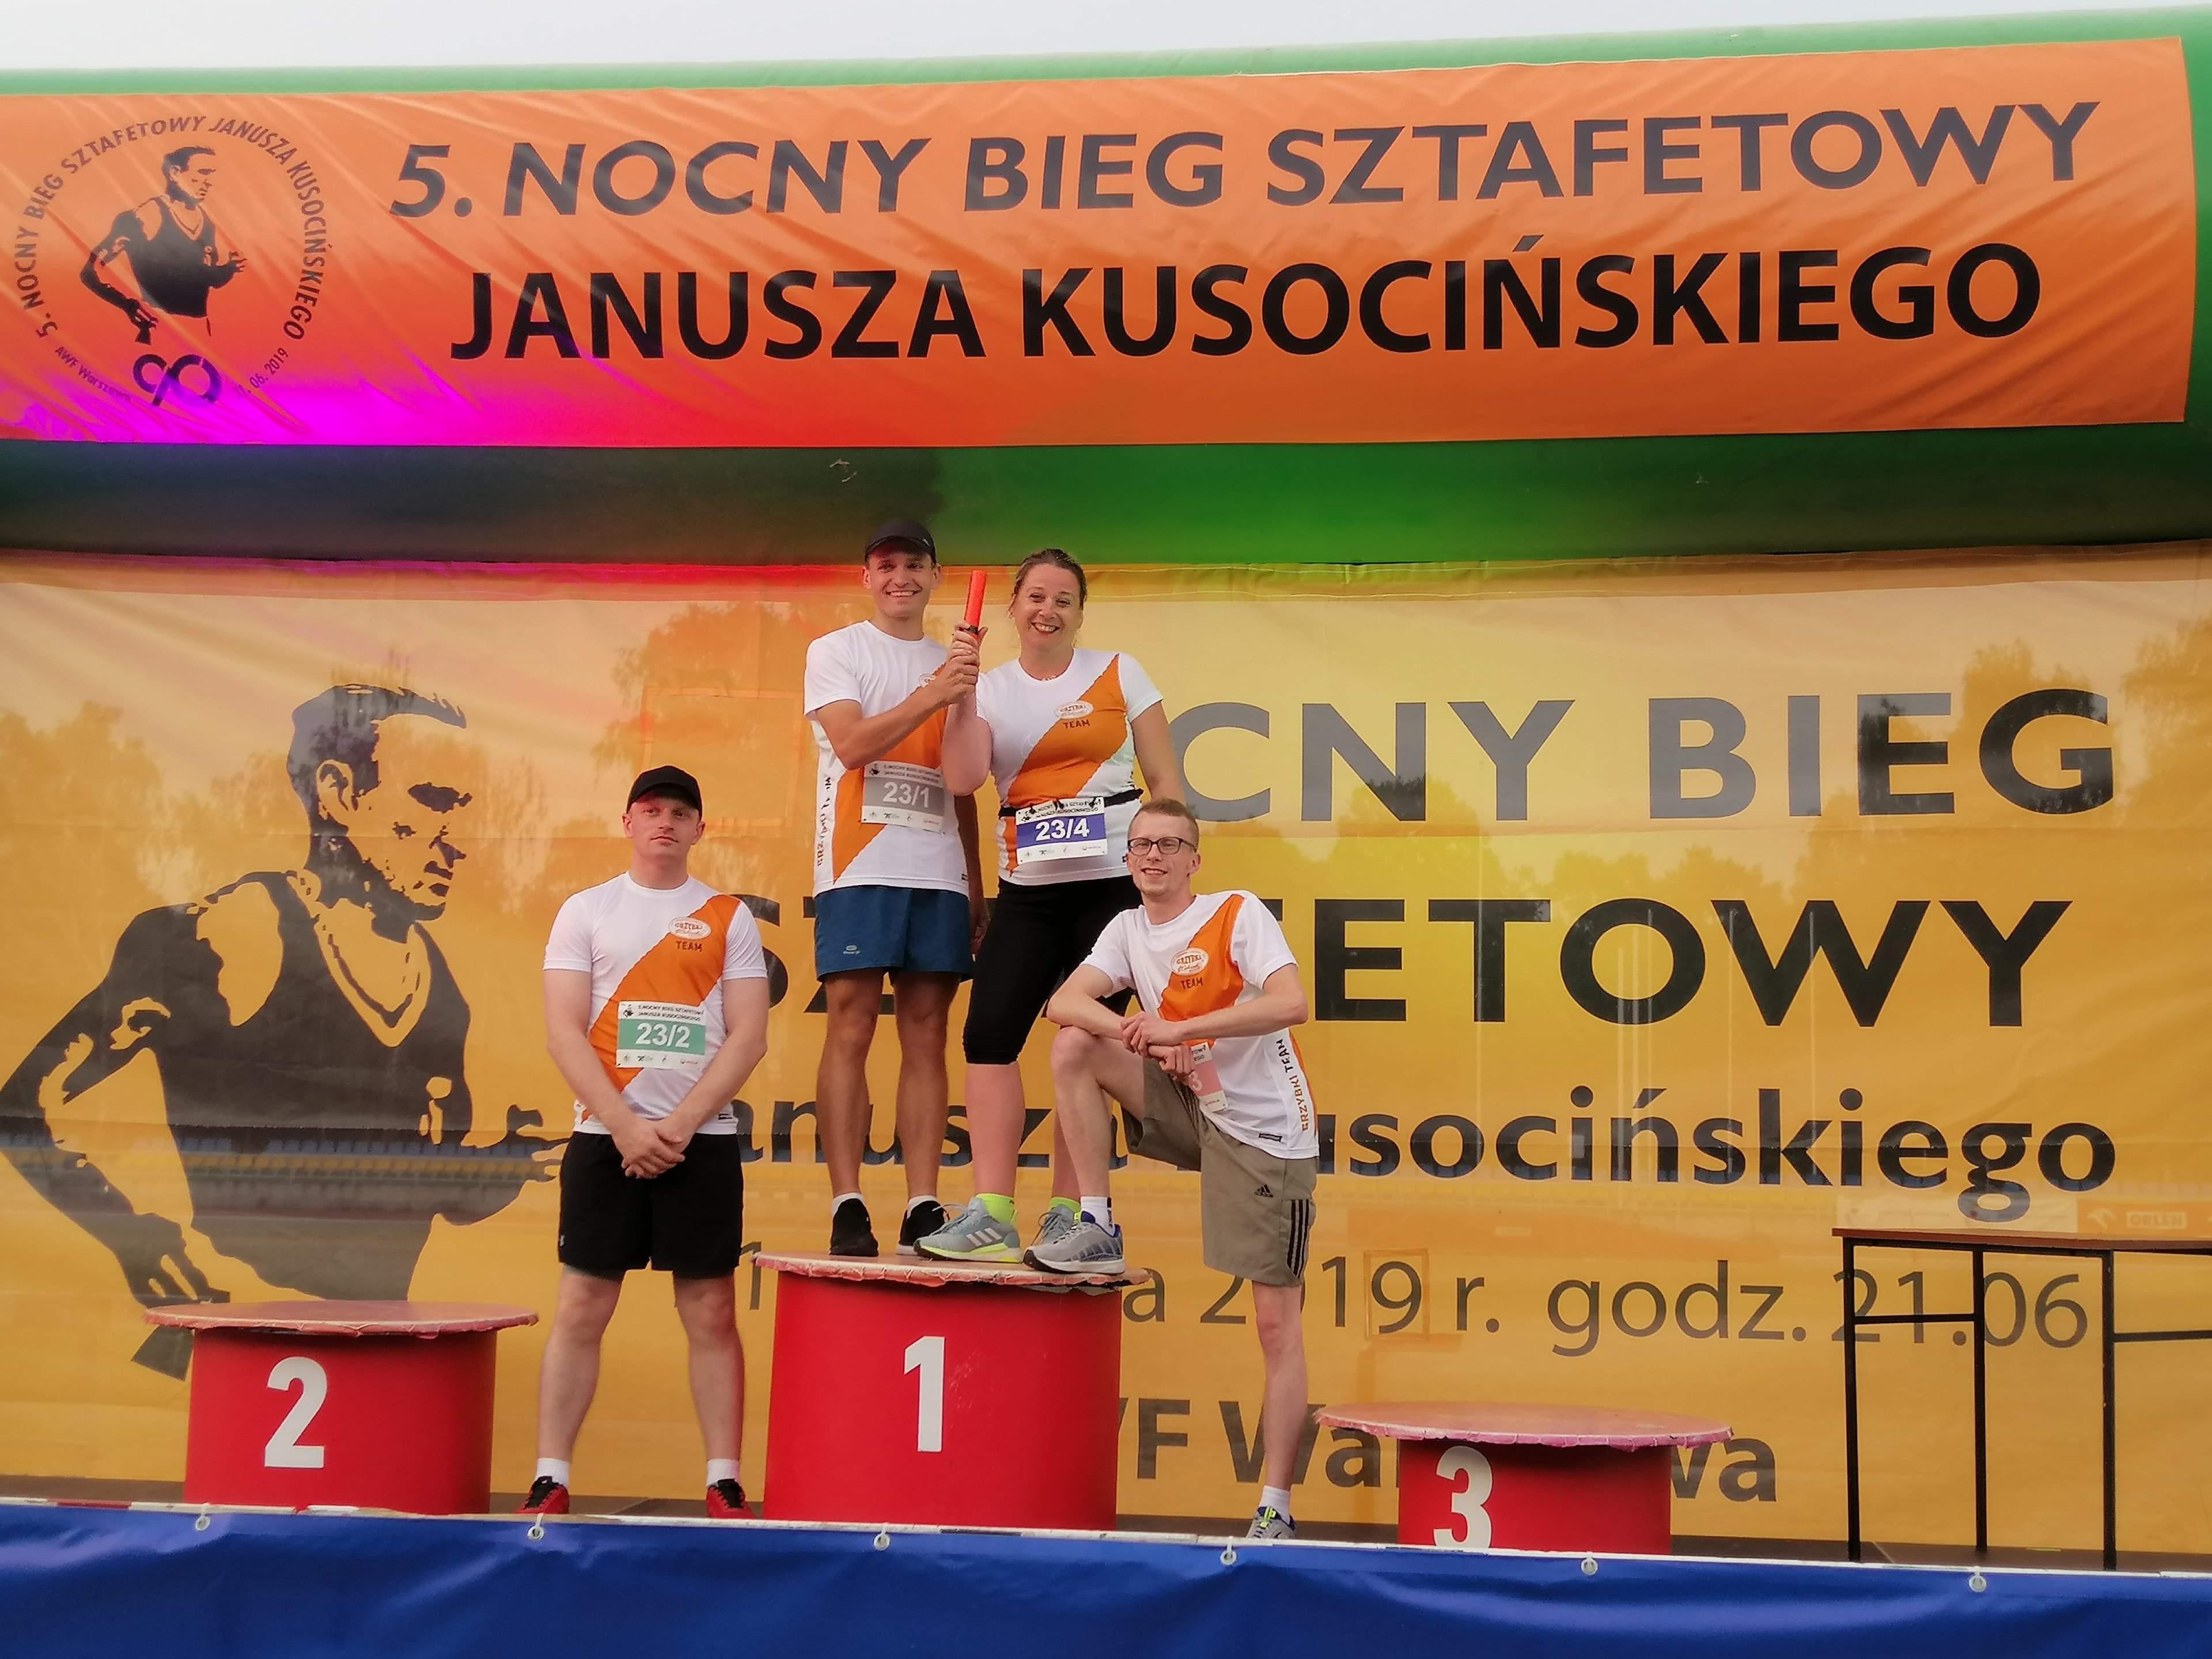 Nasz Dream Team - Ania, Damian, Łukasz i Przemek :) | 5. Nocny Bieg Sztafetowy Janusza Kusocińskiego - Warszawa 21 czerwca 2019r.